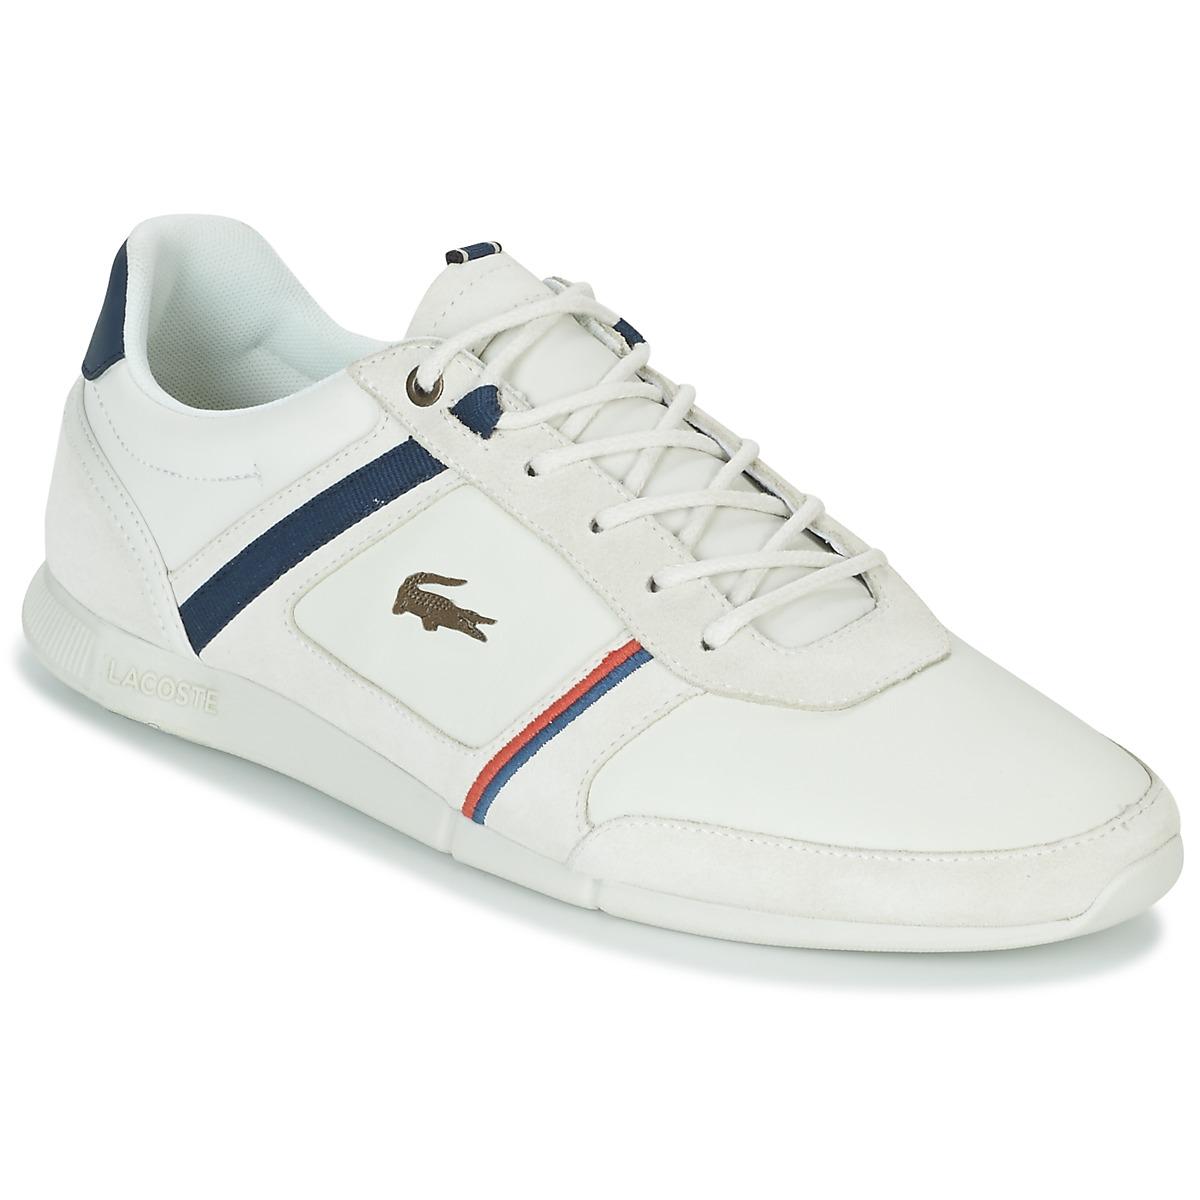 Lacoste MENERVA 118 1 Weiss - Kostenloser Versand bei Spartoode ! - Schuhe Sneaker Low Herren 100,00 €